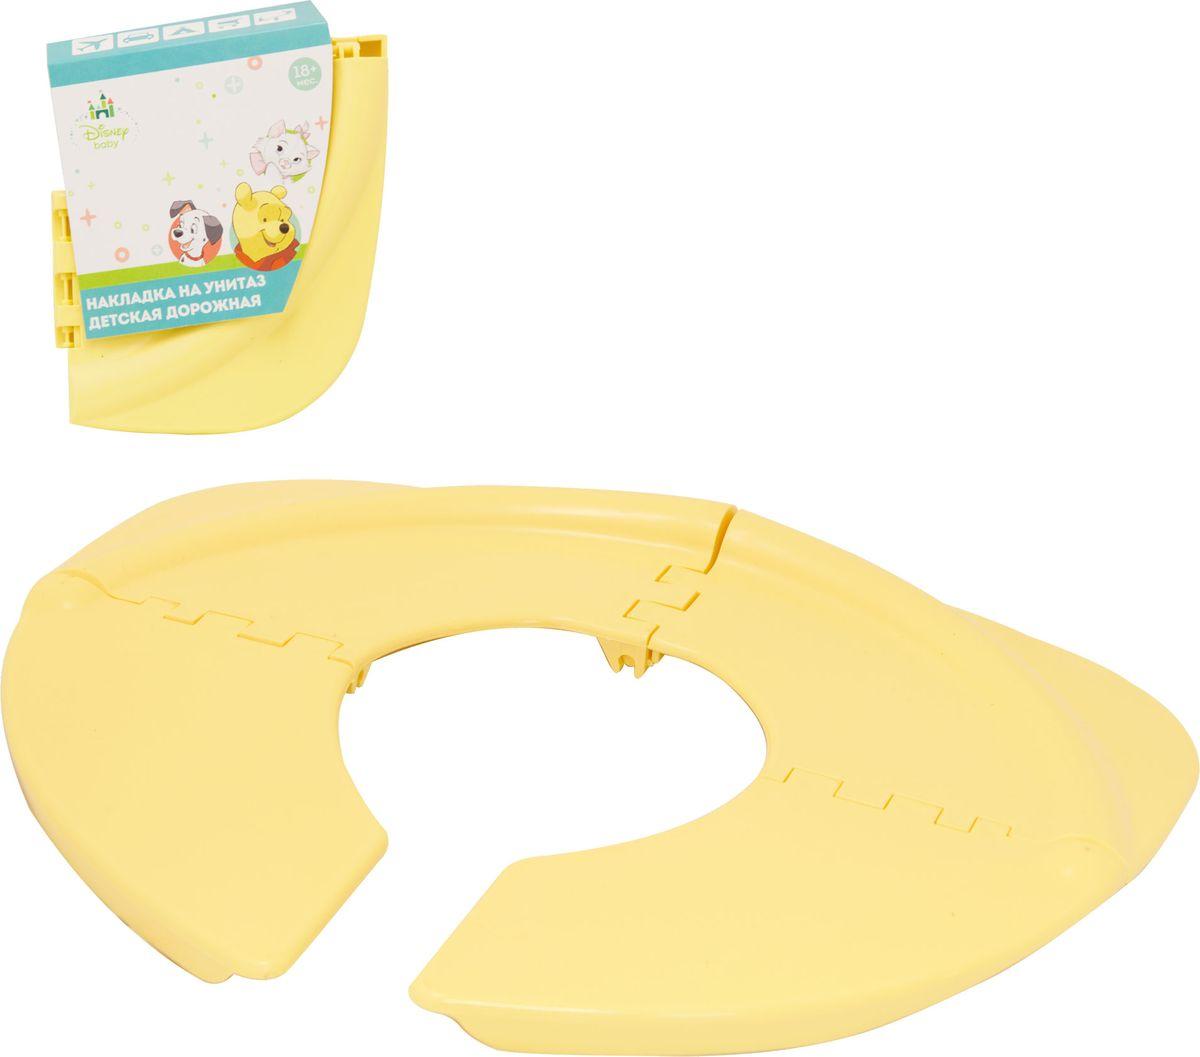 Disney Накладка на унитаз детская складная цвет банановый